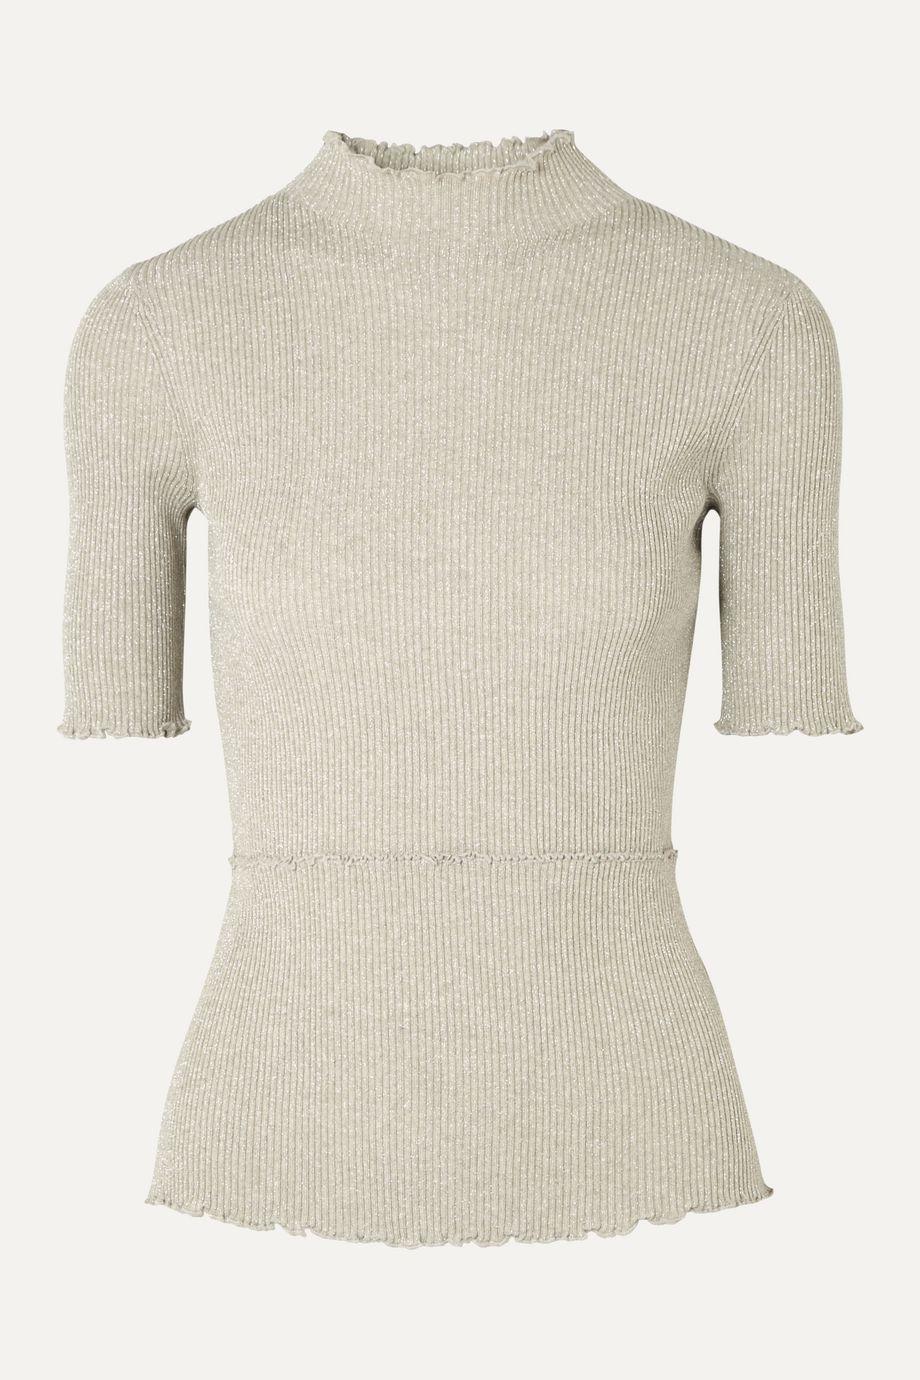 3.1 Phillip Lim Metallic ribbed-knit turtleneck top